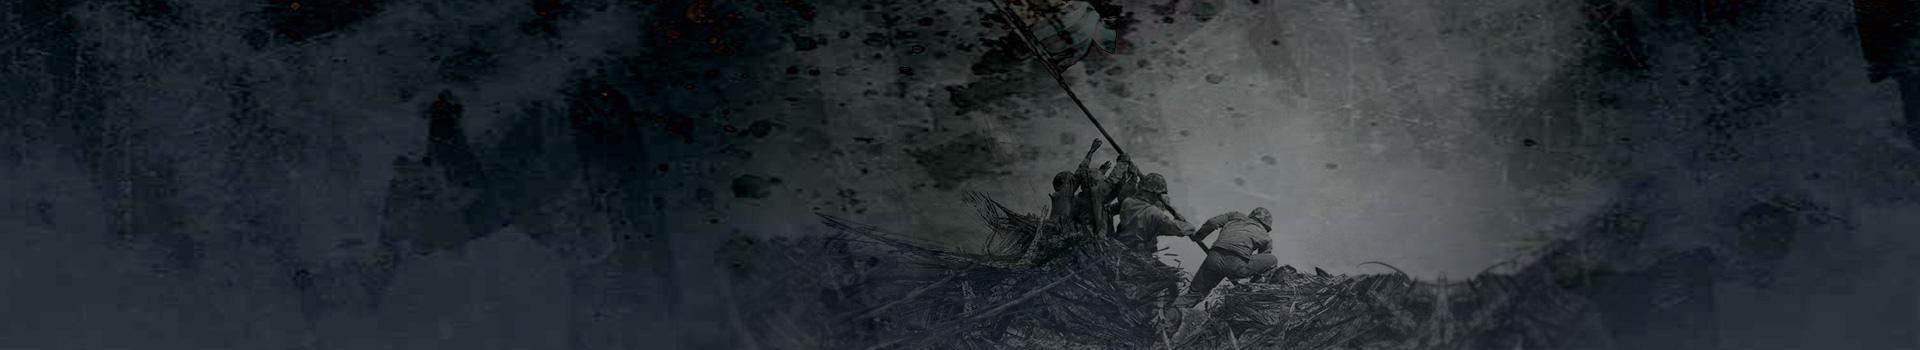 demons-ss-bg01